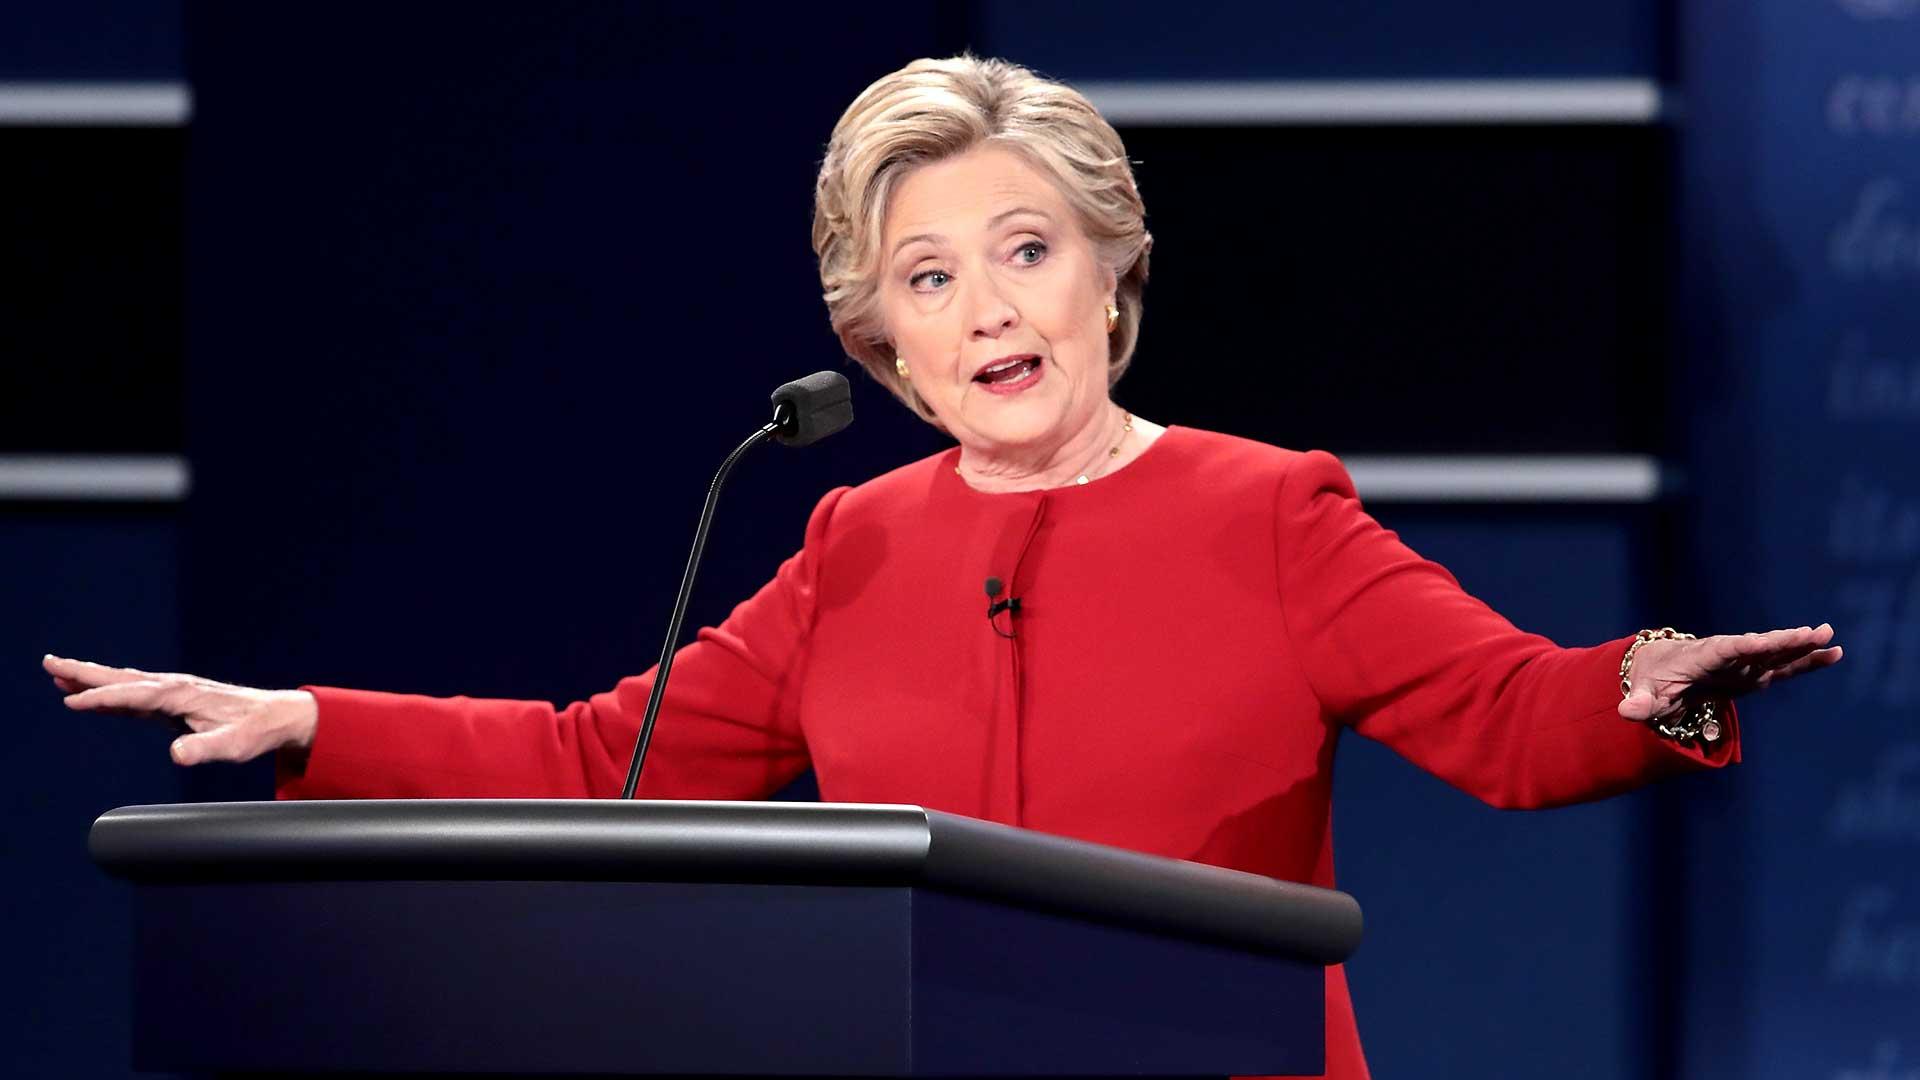 """(AFP) Sobre la cuestión controvertida de los mails, Clinton dijo que asume la responsabilidad de usar el servidor privado para sus mails como Secretario de Estado. """"Cometí un error usando mi mail privado"""", dijo Clinton"""